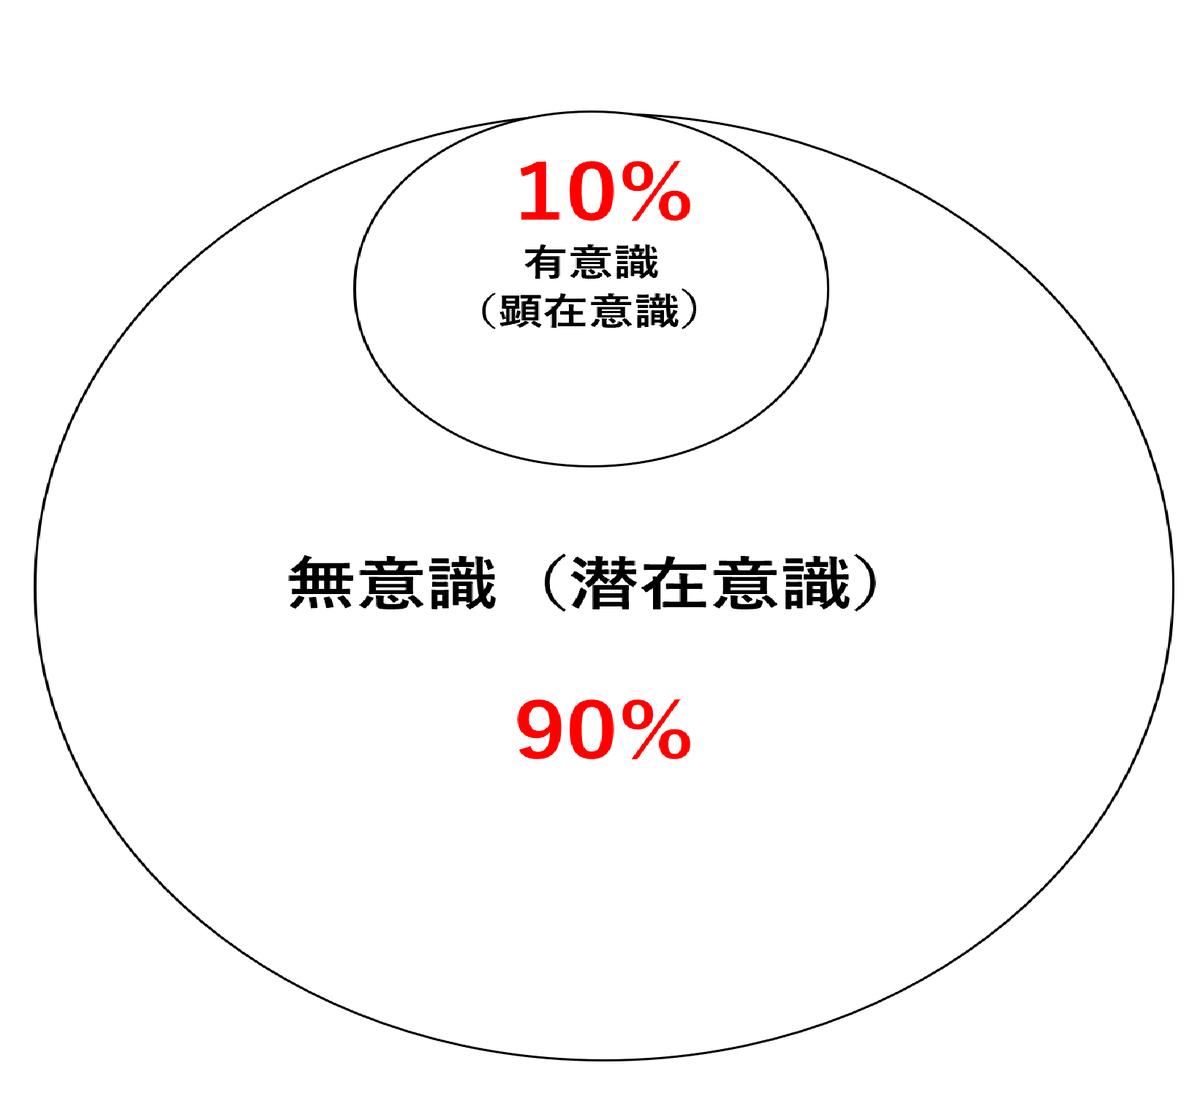 f:id:abura_sensei:20200526164543p:plain